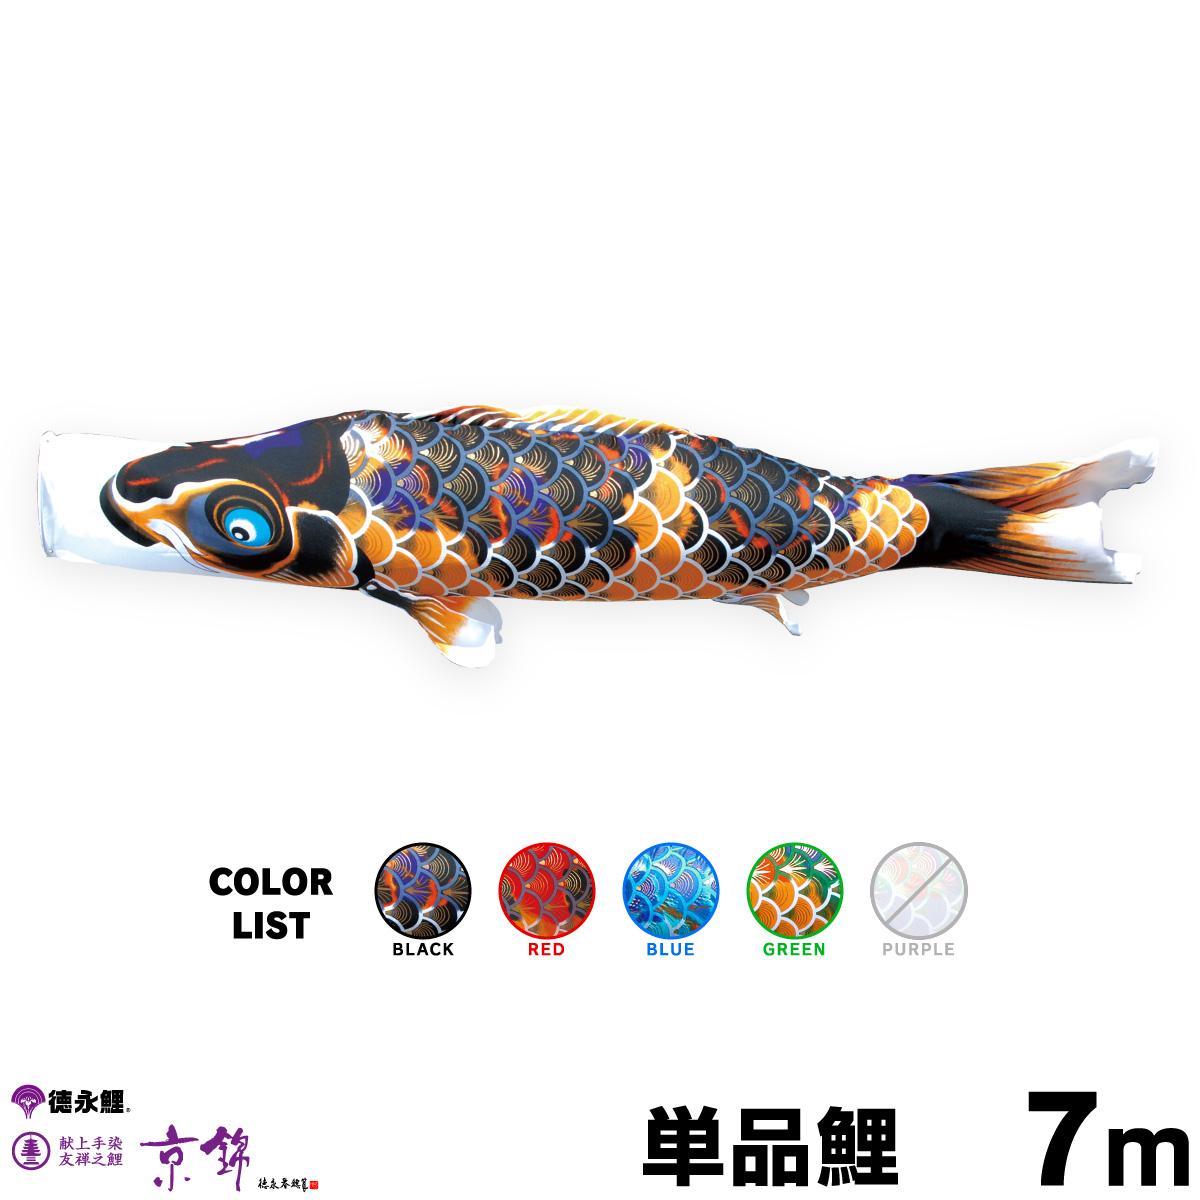 【こいのぼり 単品】 京錦 7m 単品鯉 黒 赤 青 緑